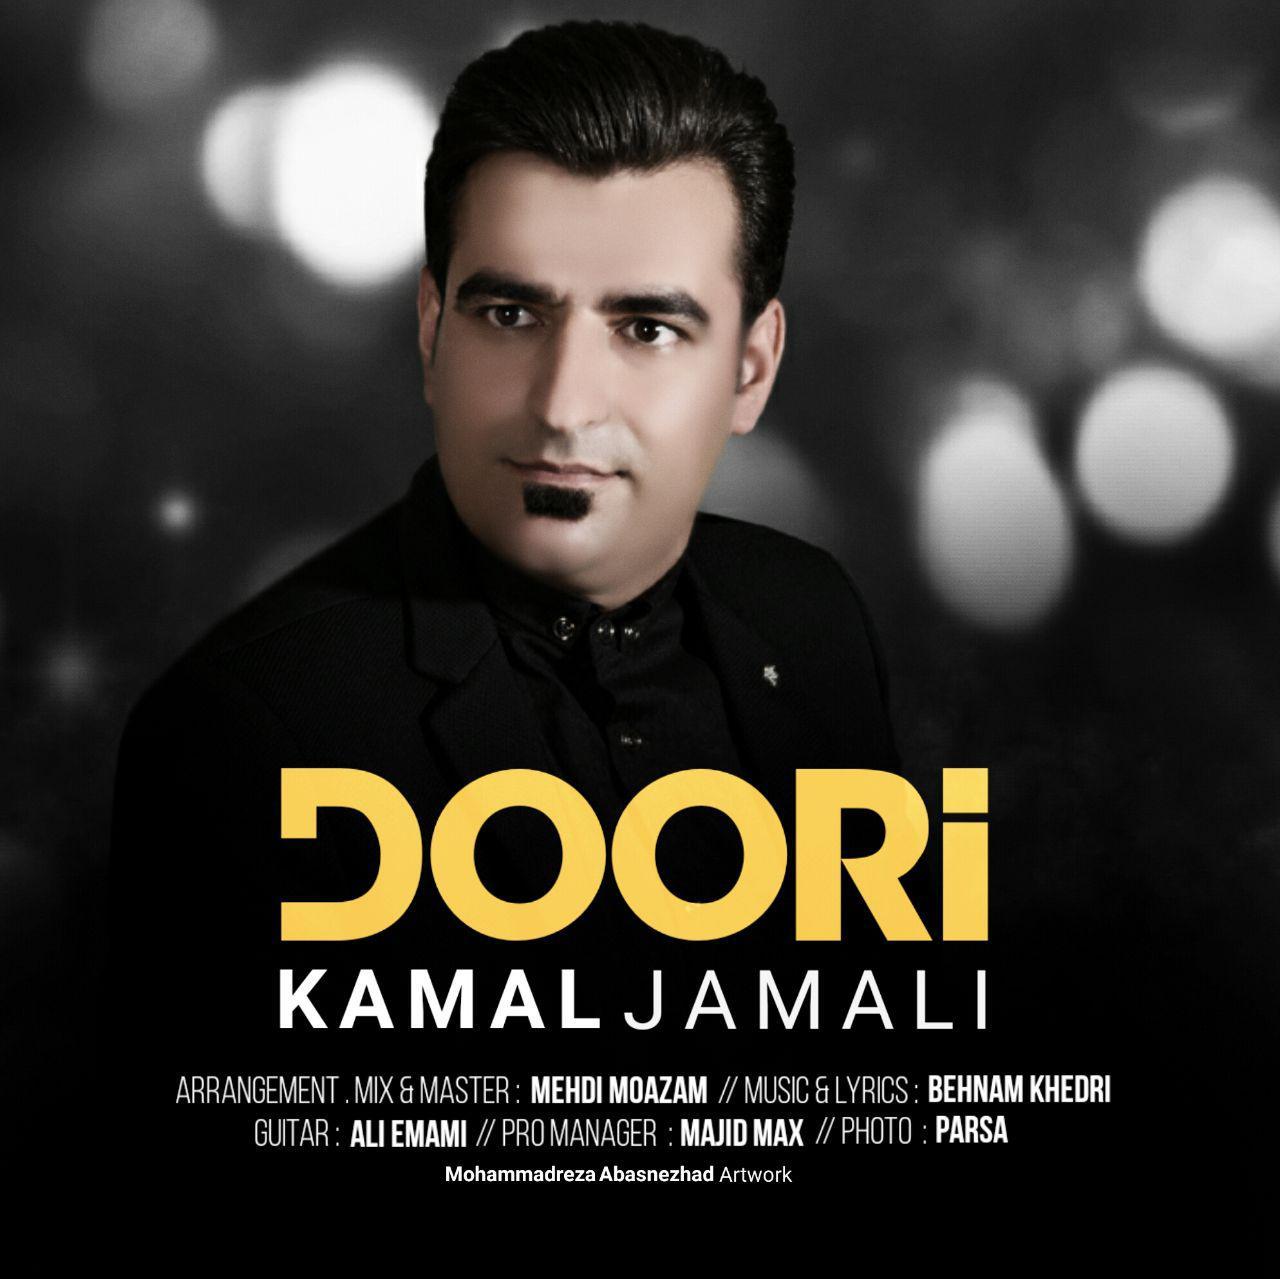 Kamal Jamali – Doori